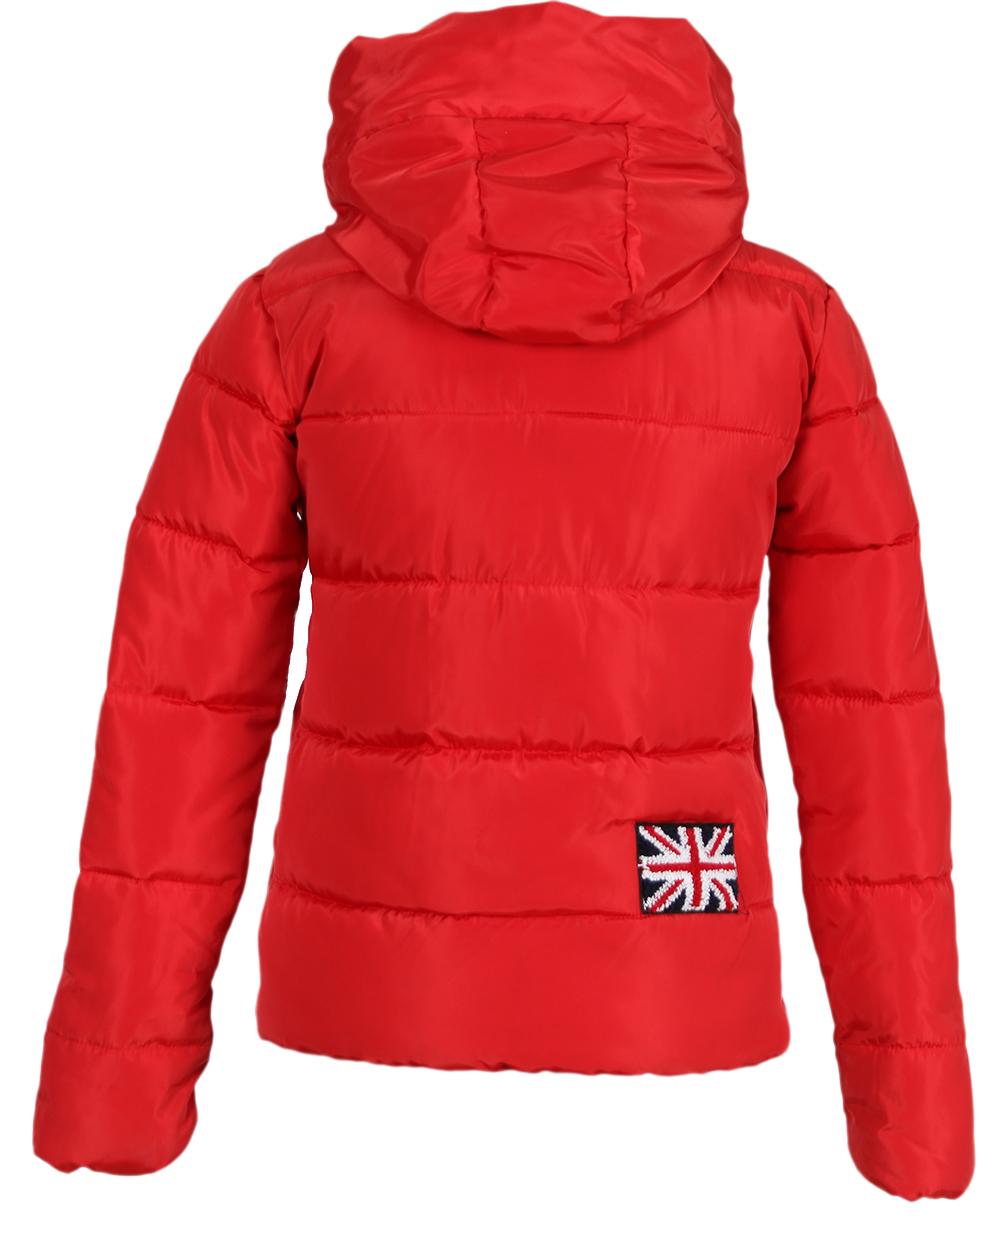 Красная одежда Москва